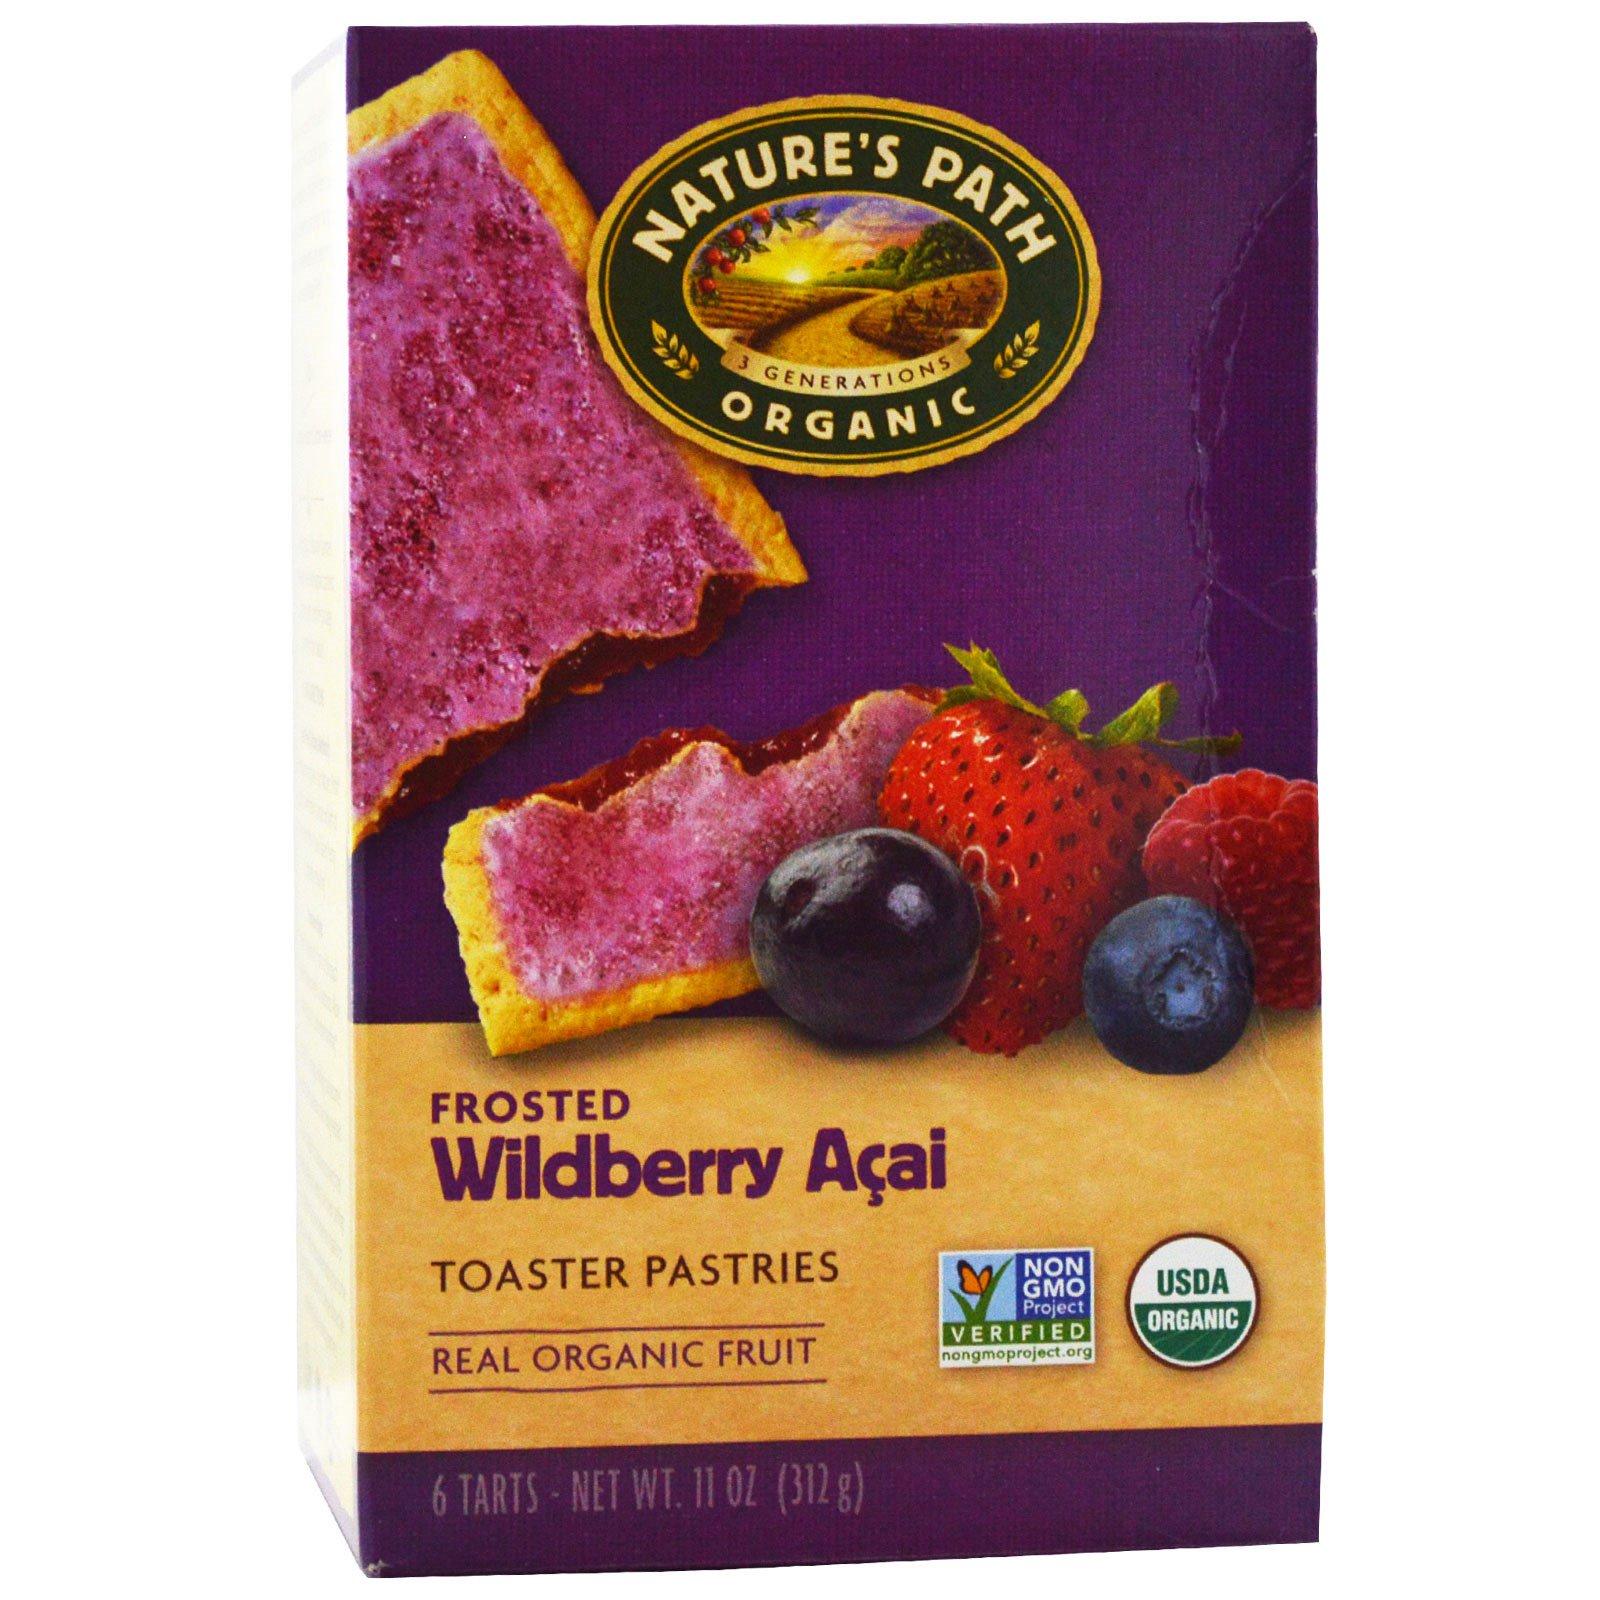 Nature's Path, Органическое замороженное печенье, дикие ягоды асаи, 6 шт, 52 г каждое